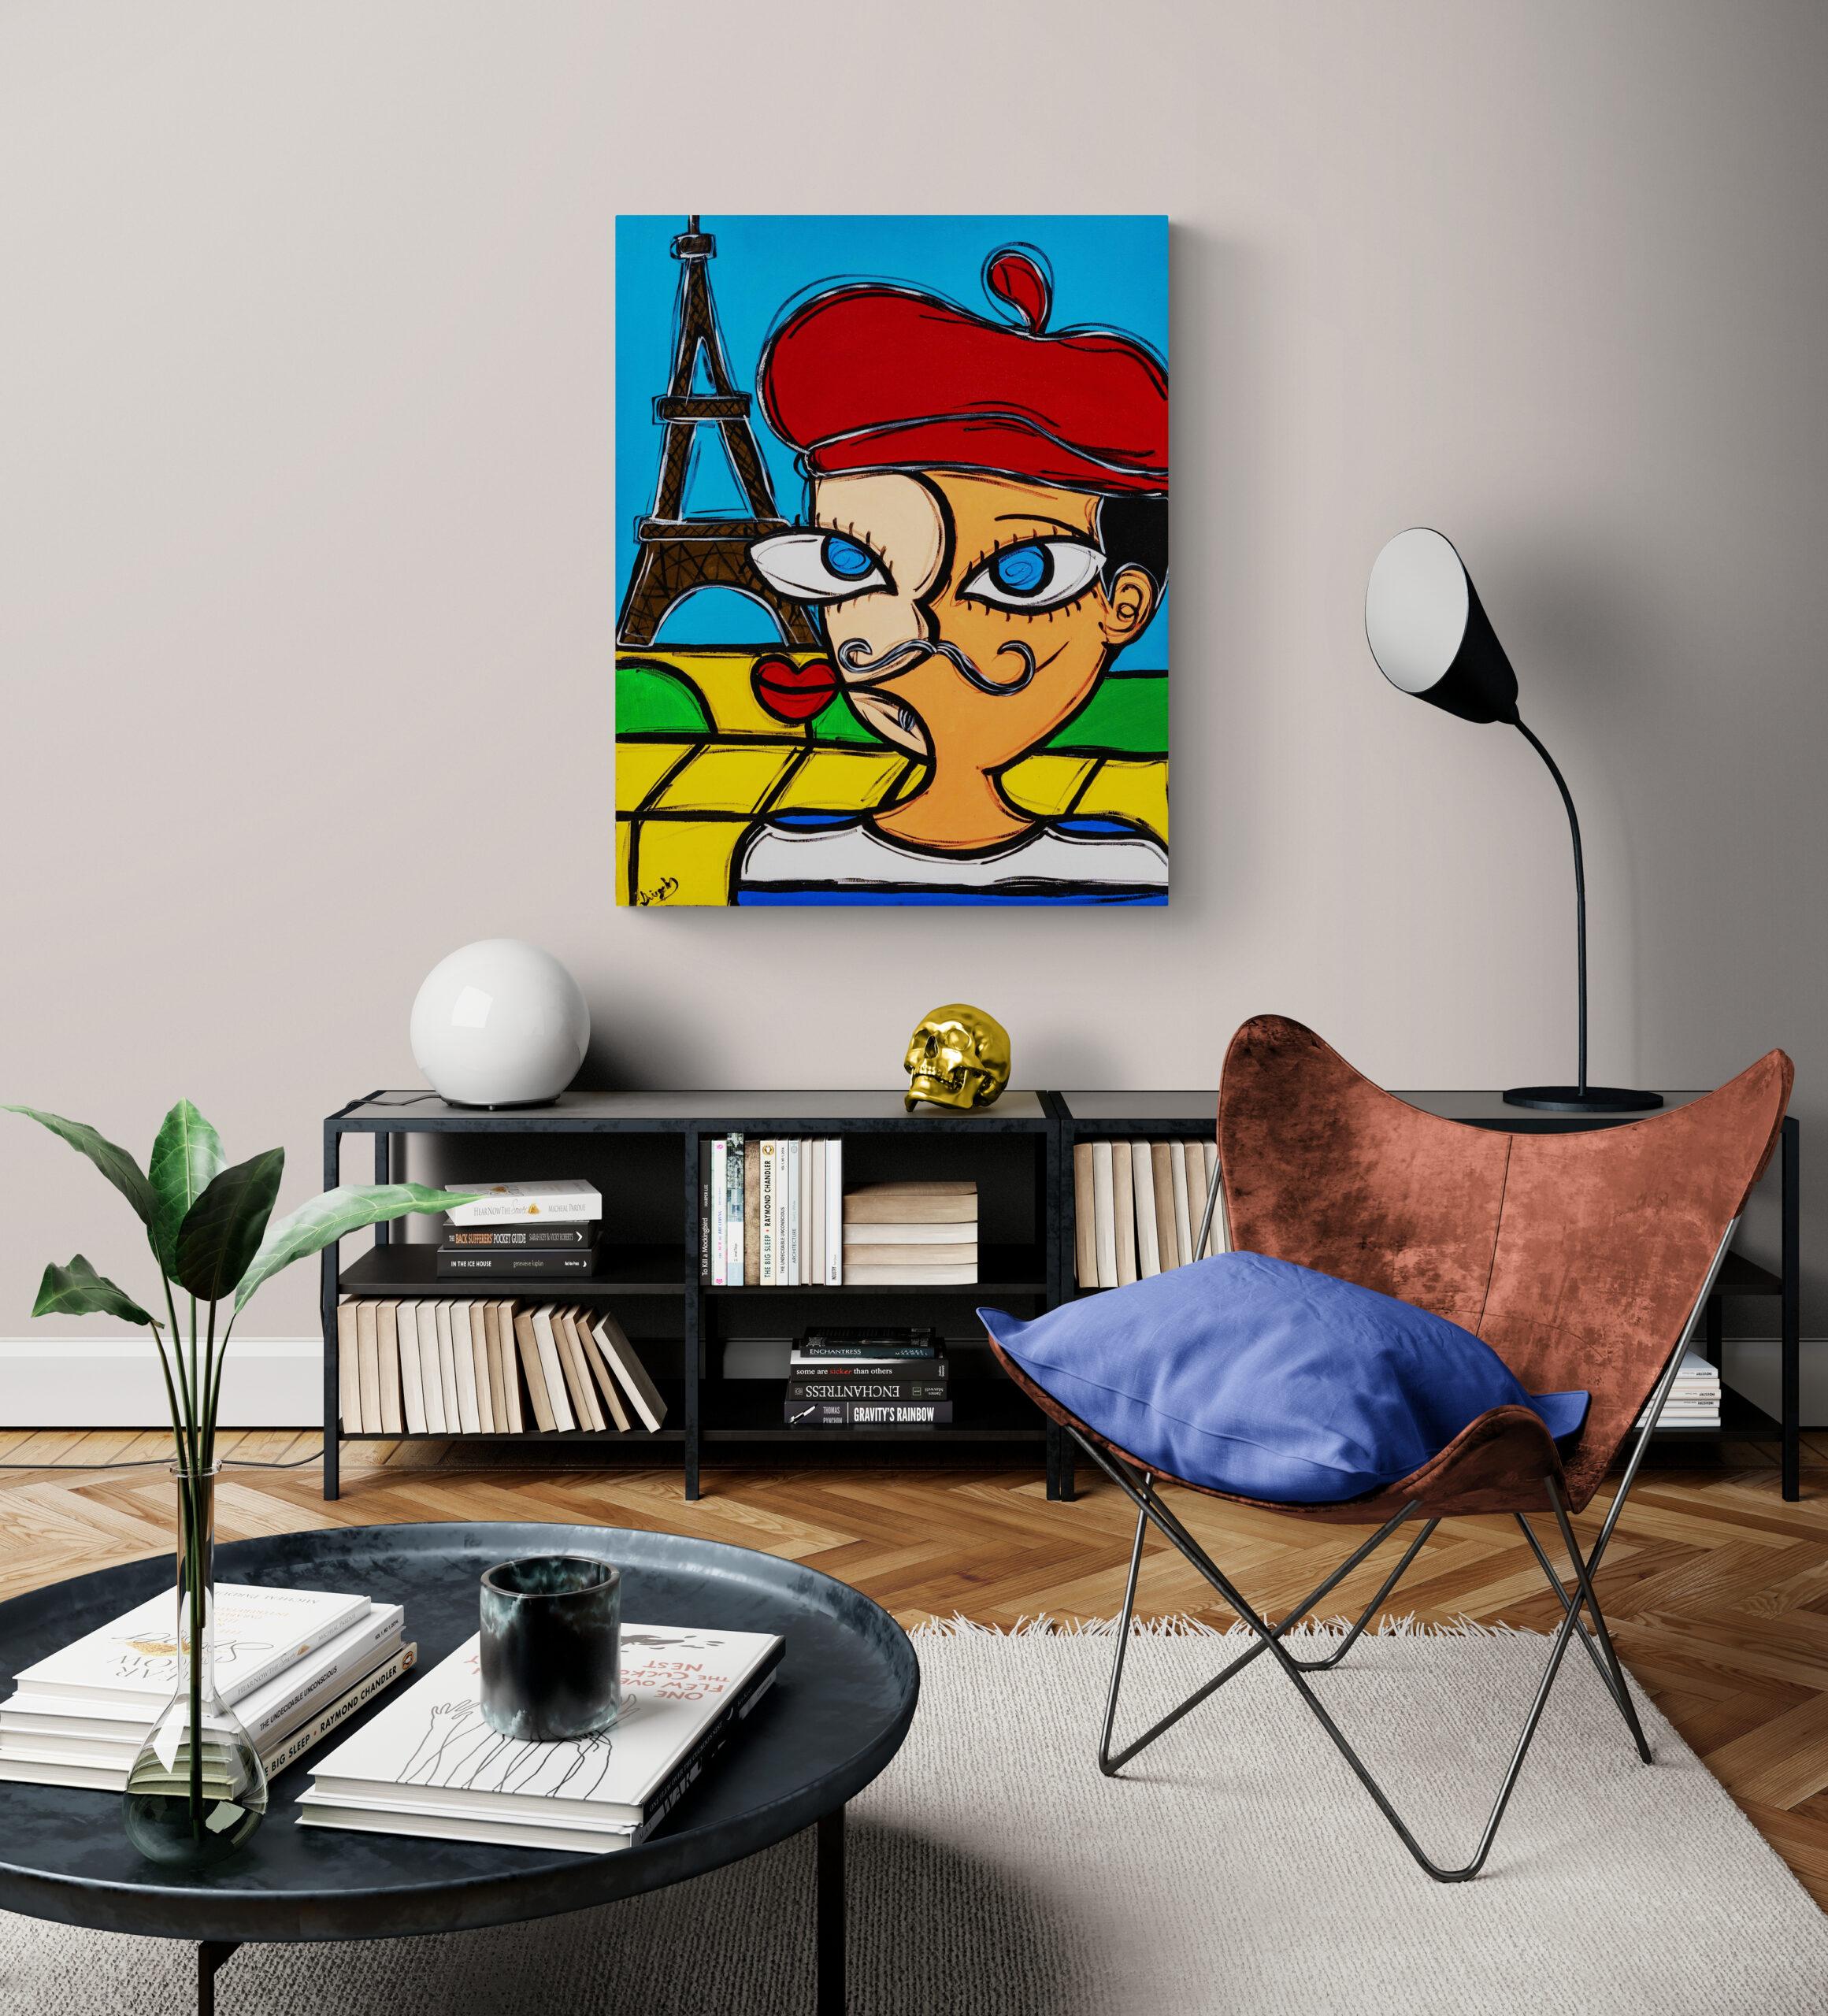 Obra de arte, O Artista, Um Dedo de Arte - Diego Moura artista plástico